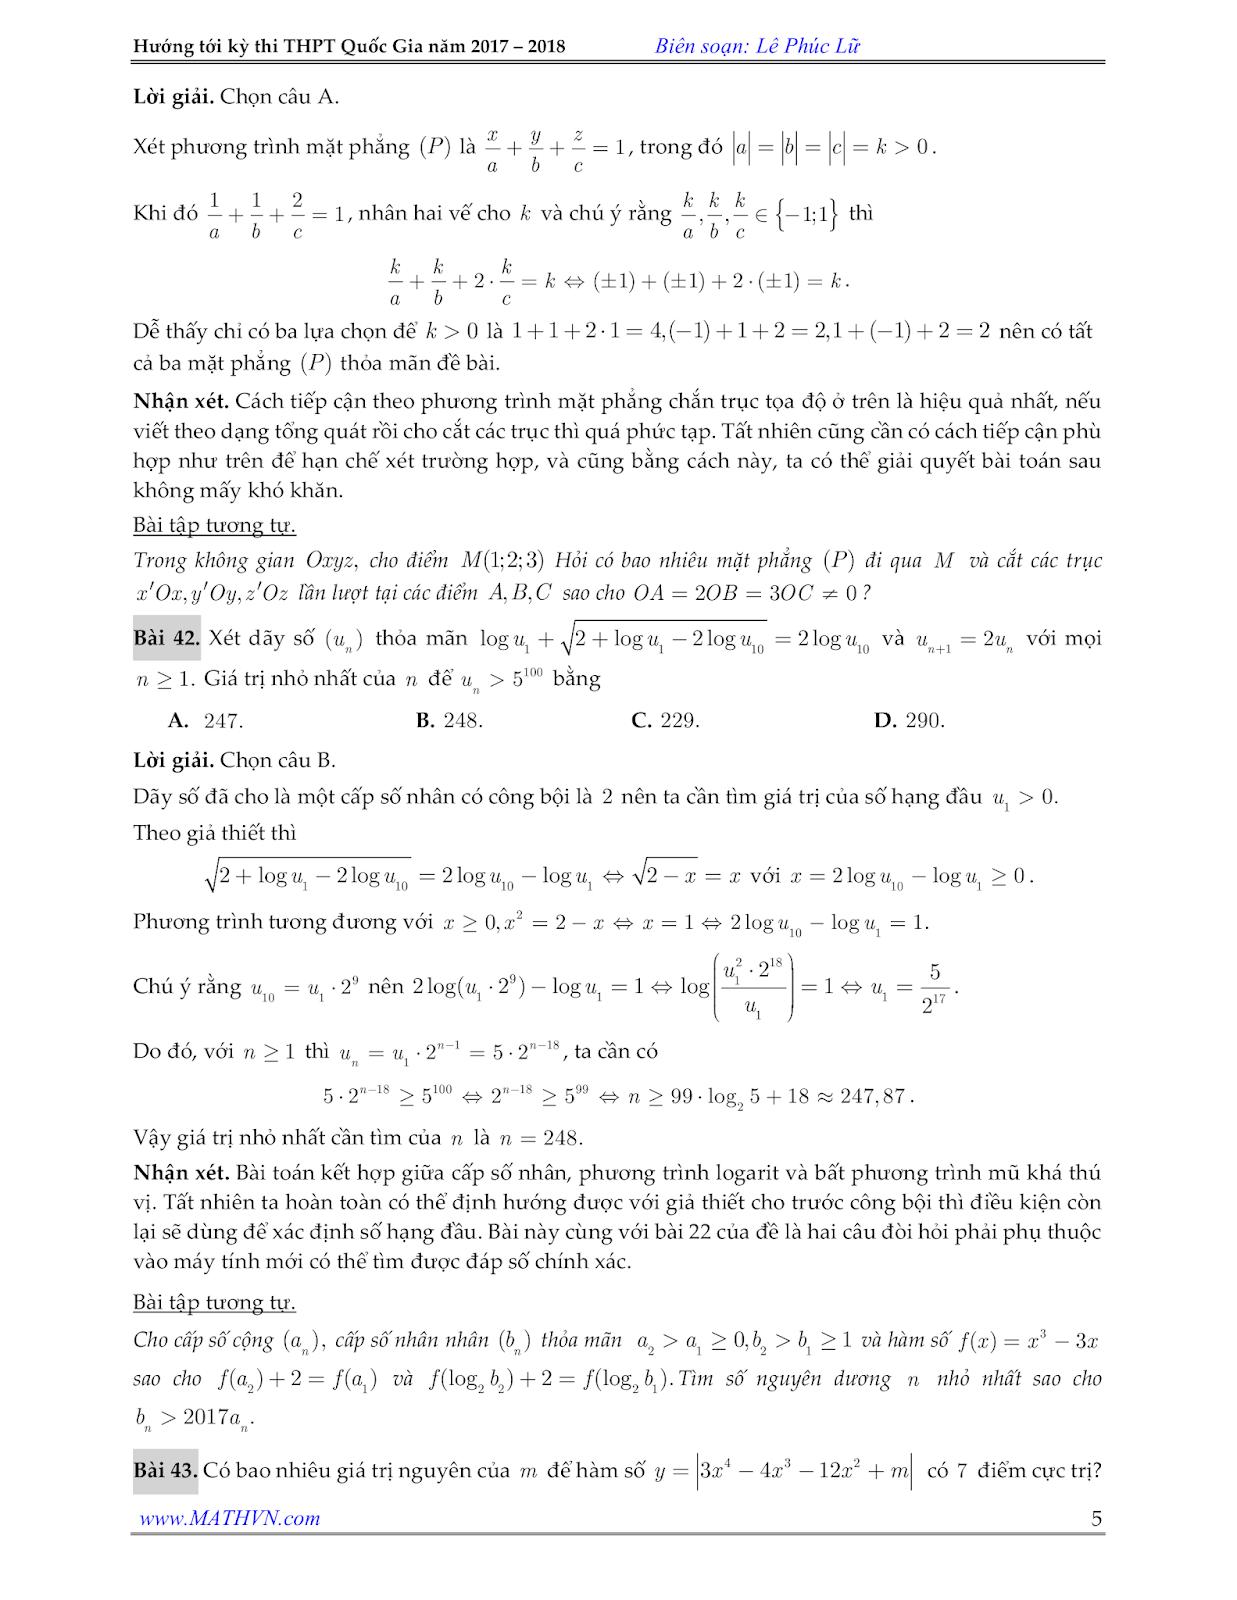 de minh hoa toan nam 2018, lời giải đề minh họa môn toán 2018